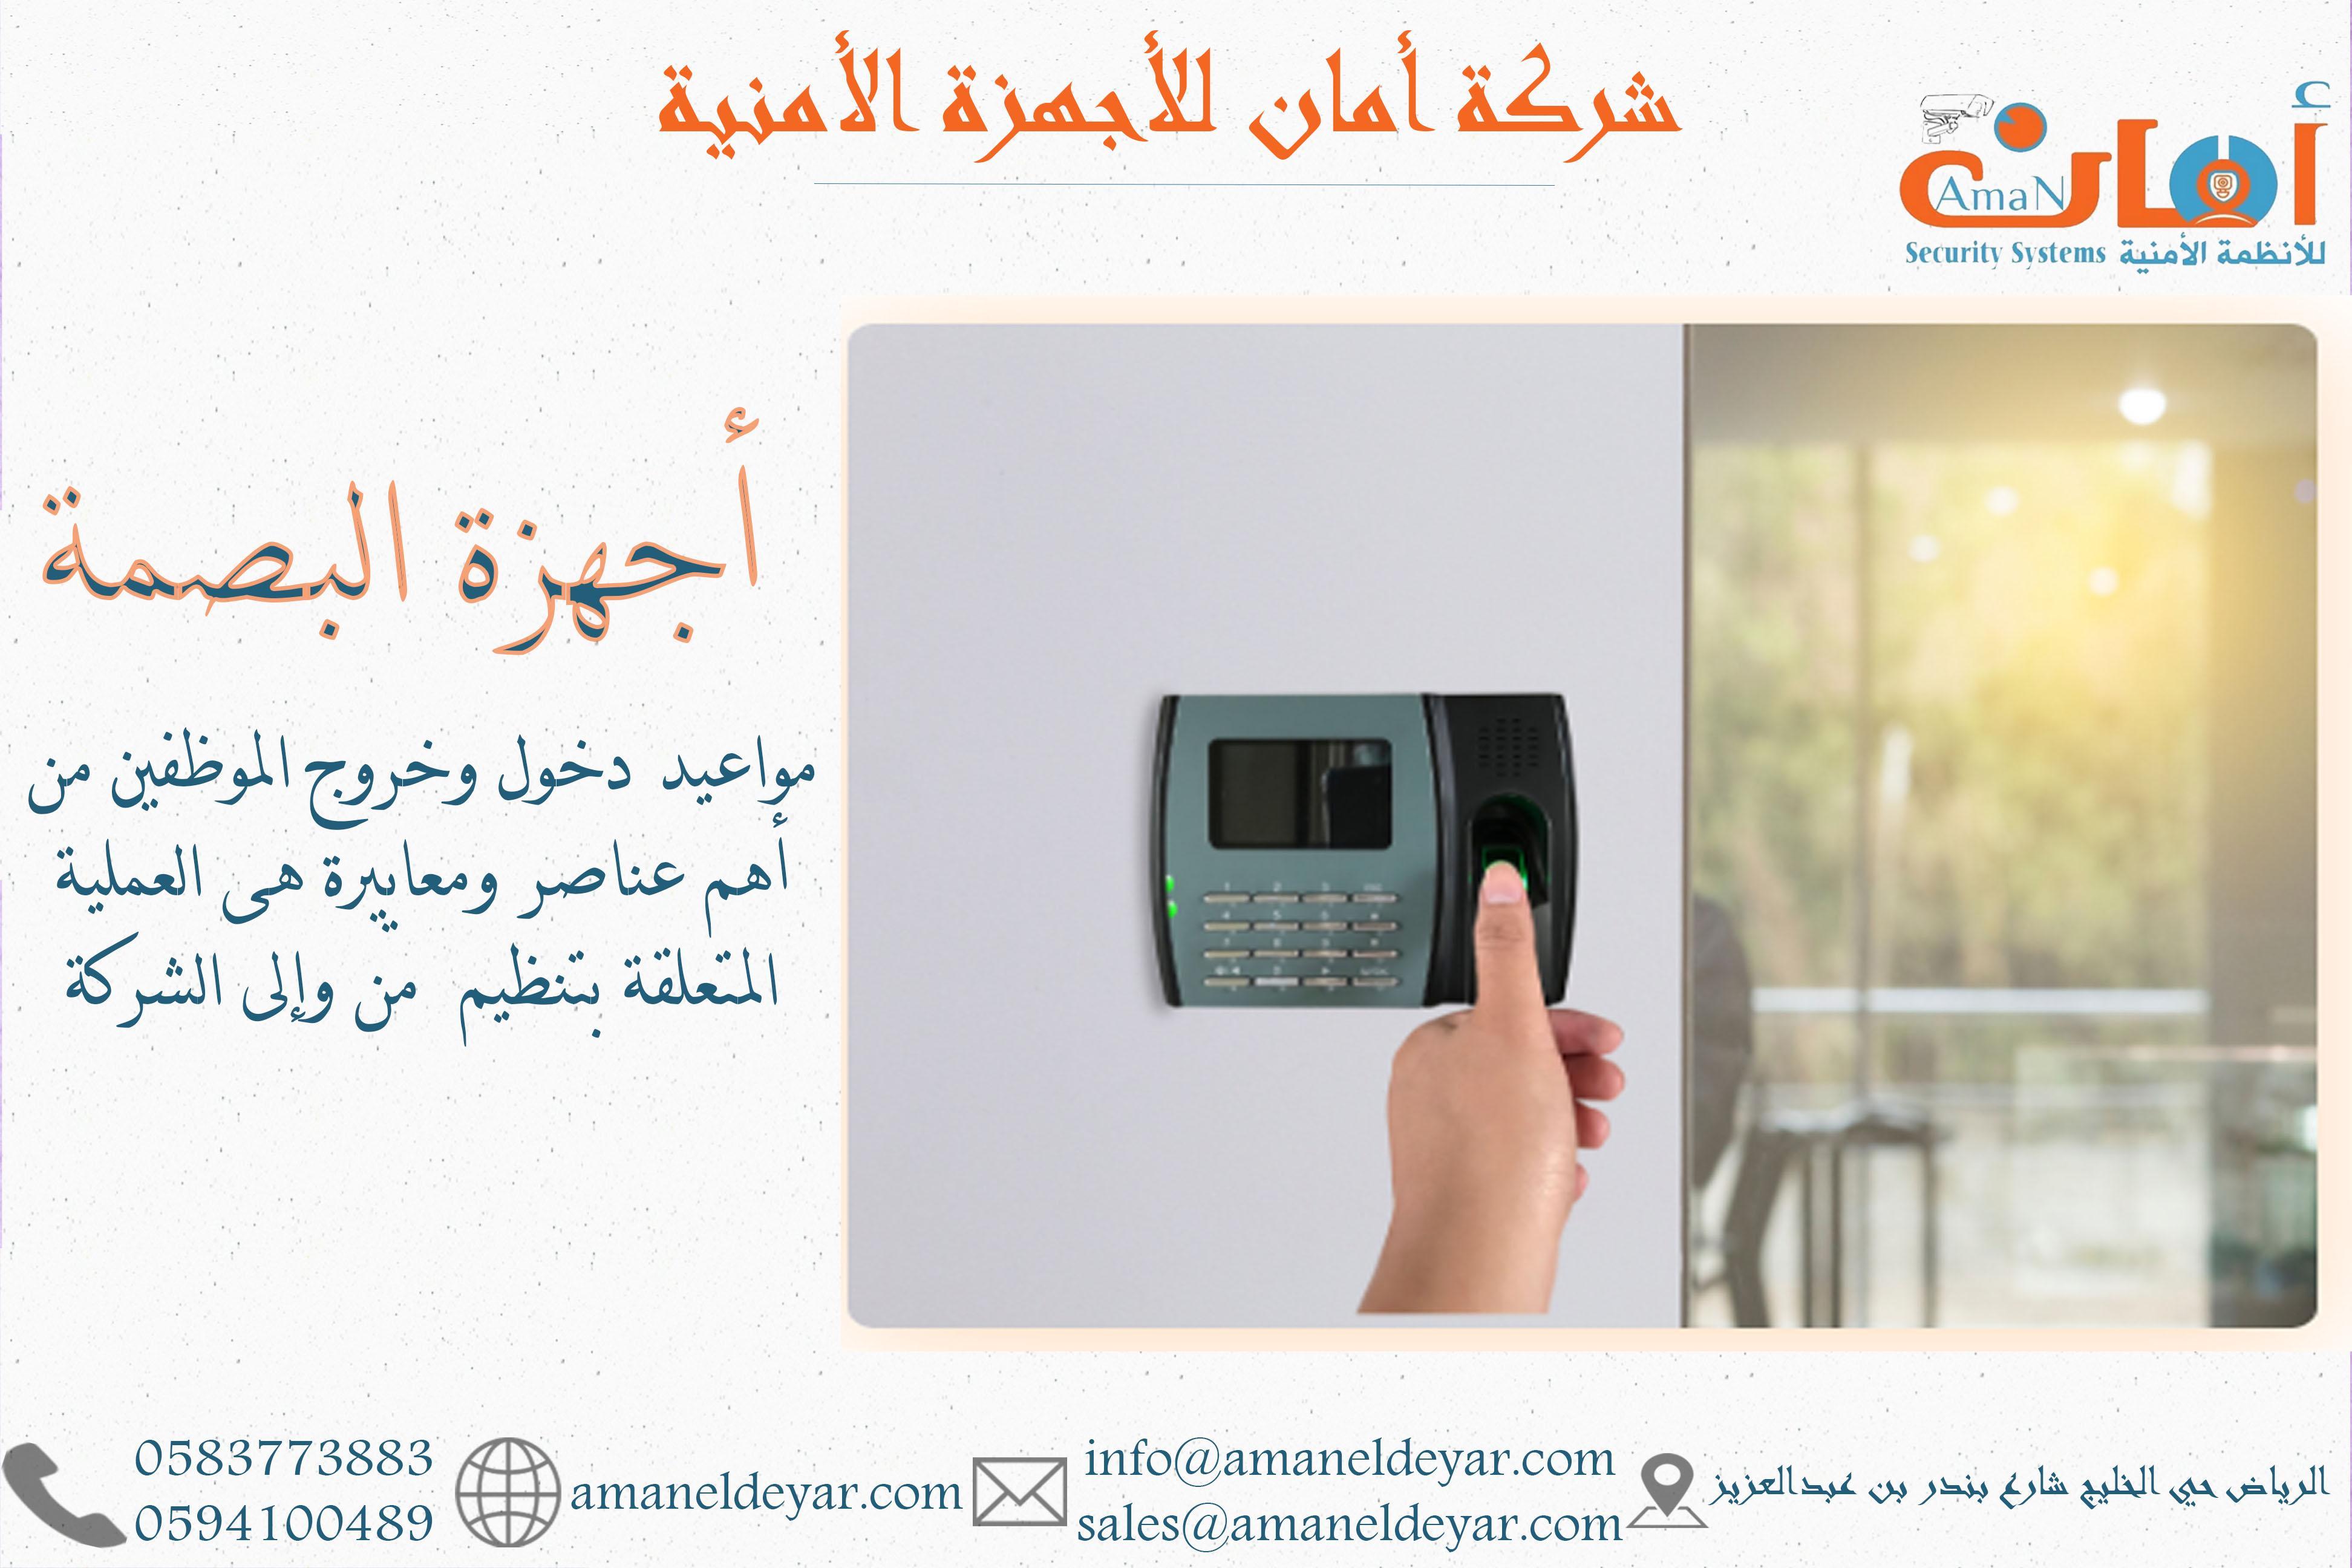 أجهزة الحضور و الانصراف من شركة أمان الديار  361527345